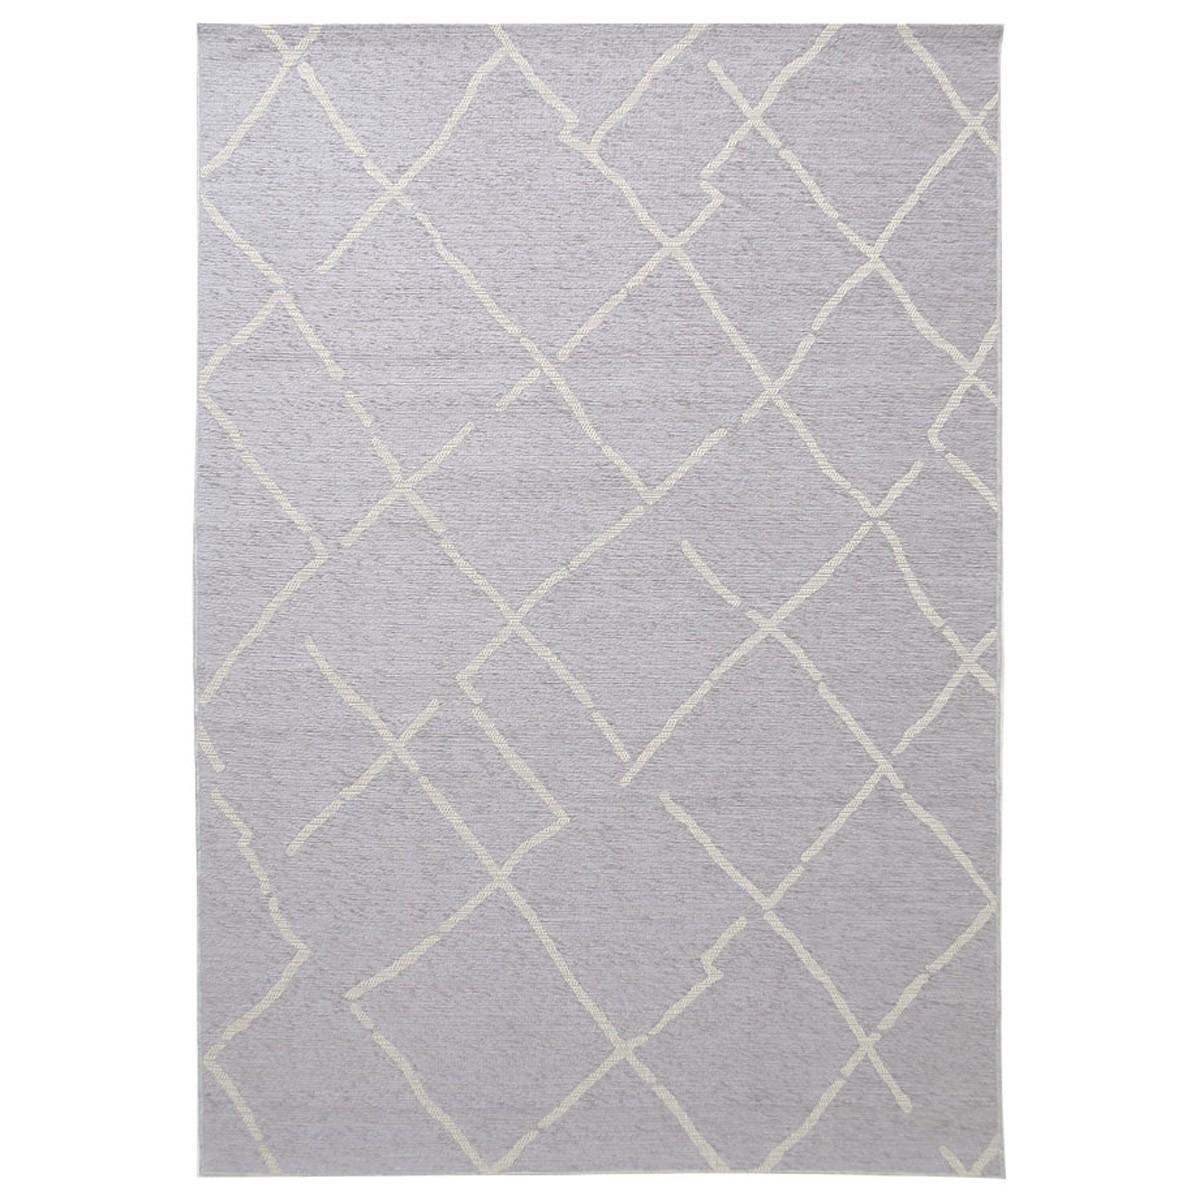 Χαλί Διαδρόμου (80x150) Royal Carpets Velvet 7757-814 home   χαλιά   χαλιά κουζίνας   διάδρομοι